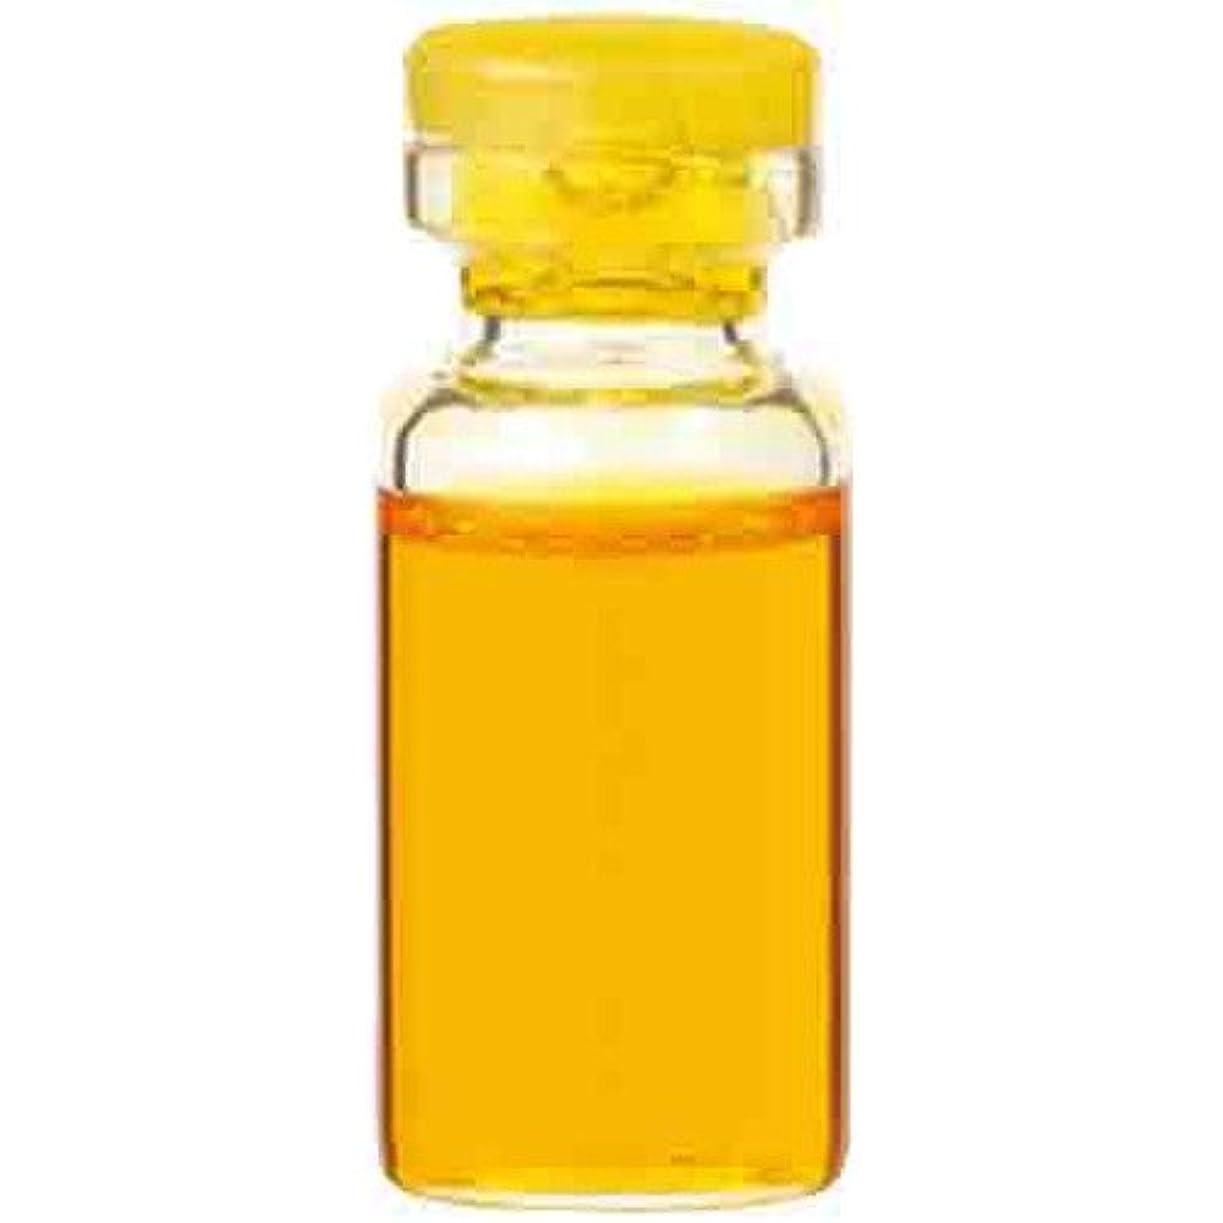 回復防水離婚生活の木 Herbal Life Organic オレンジスイート 10ml